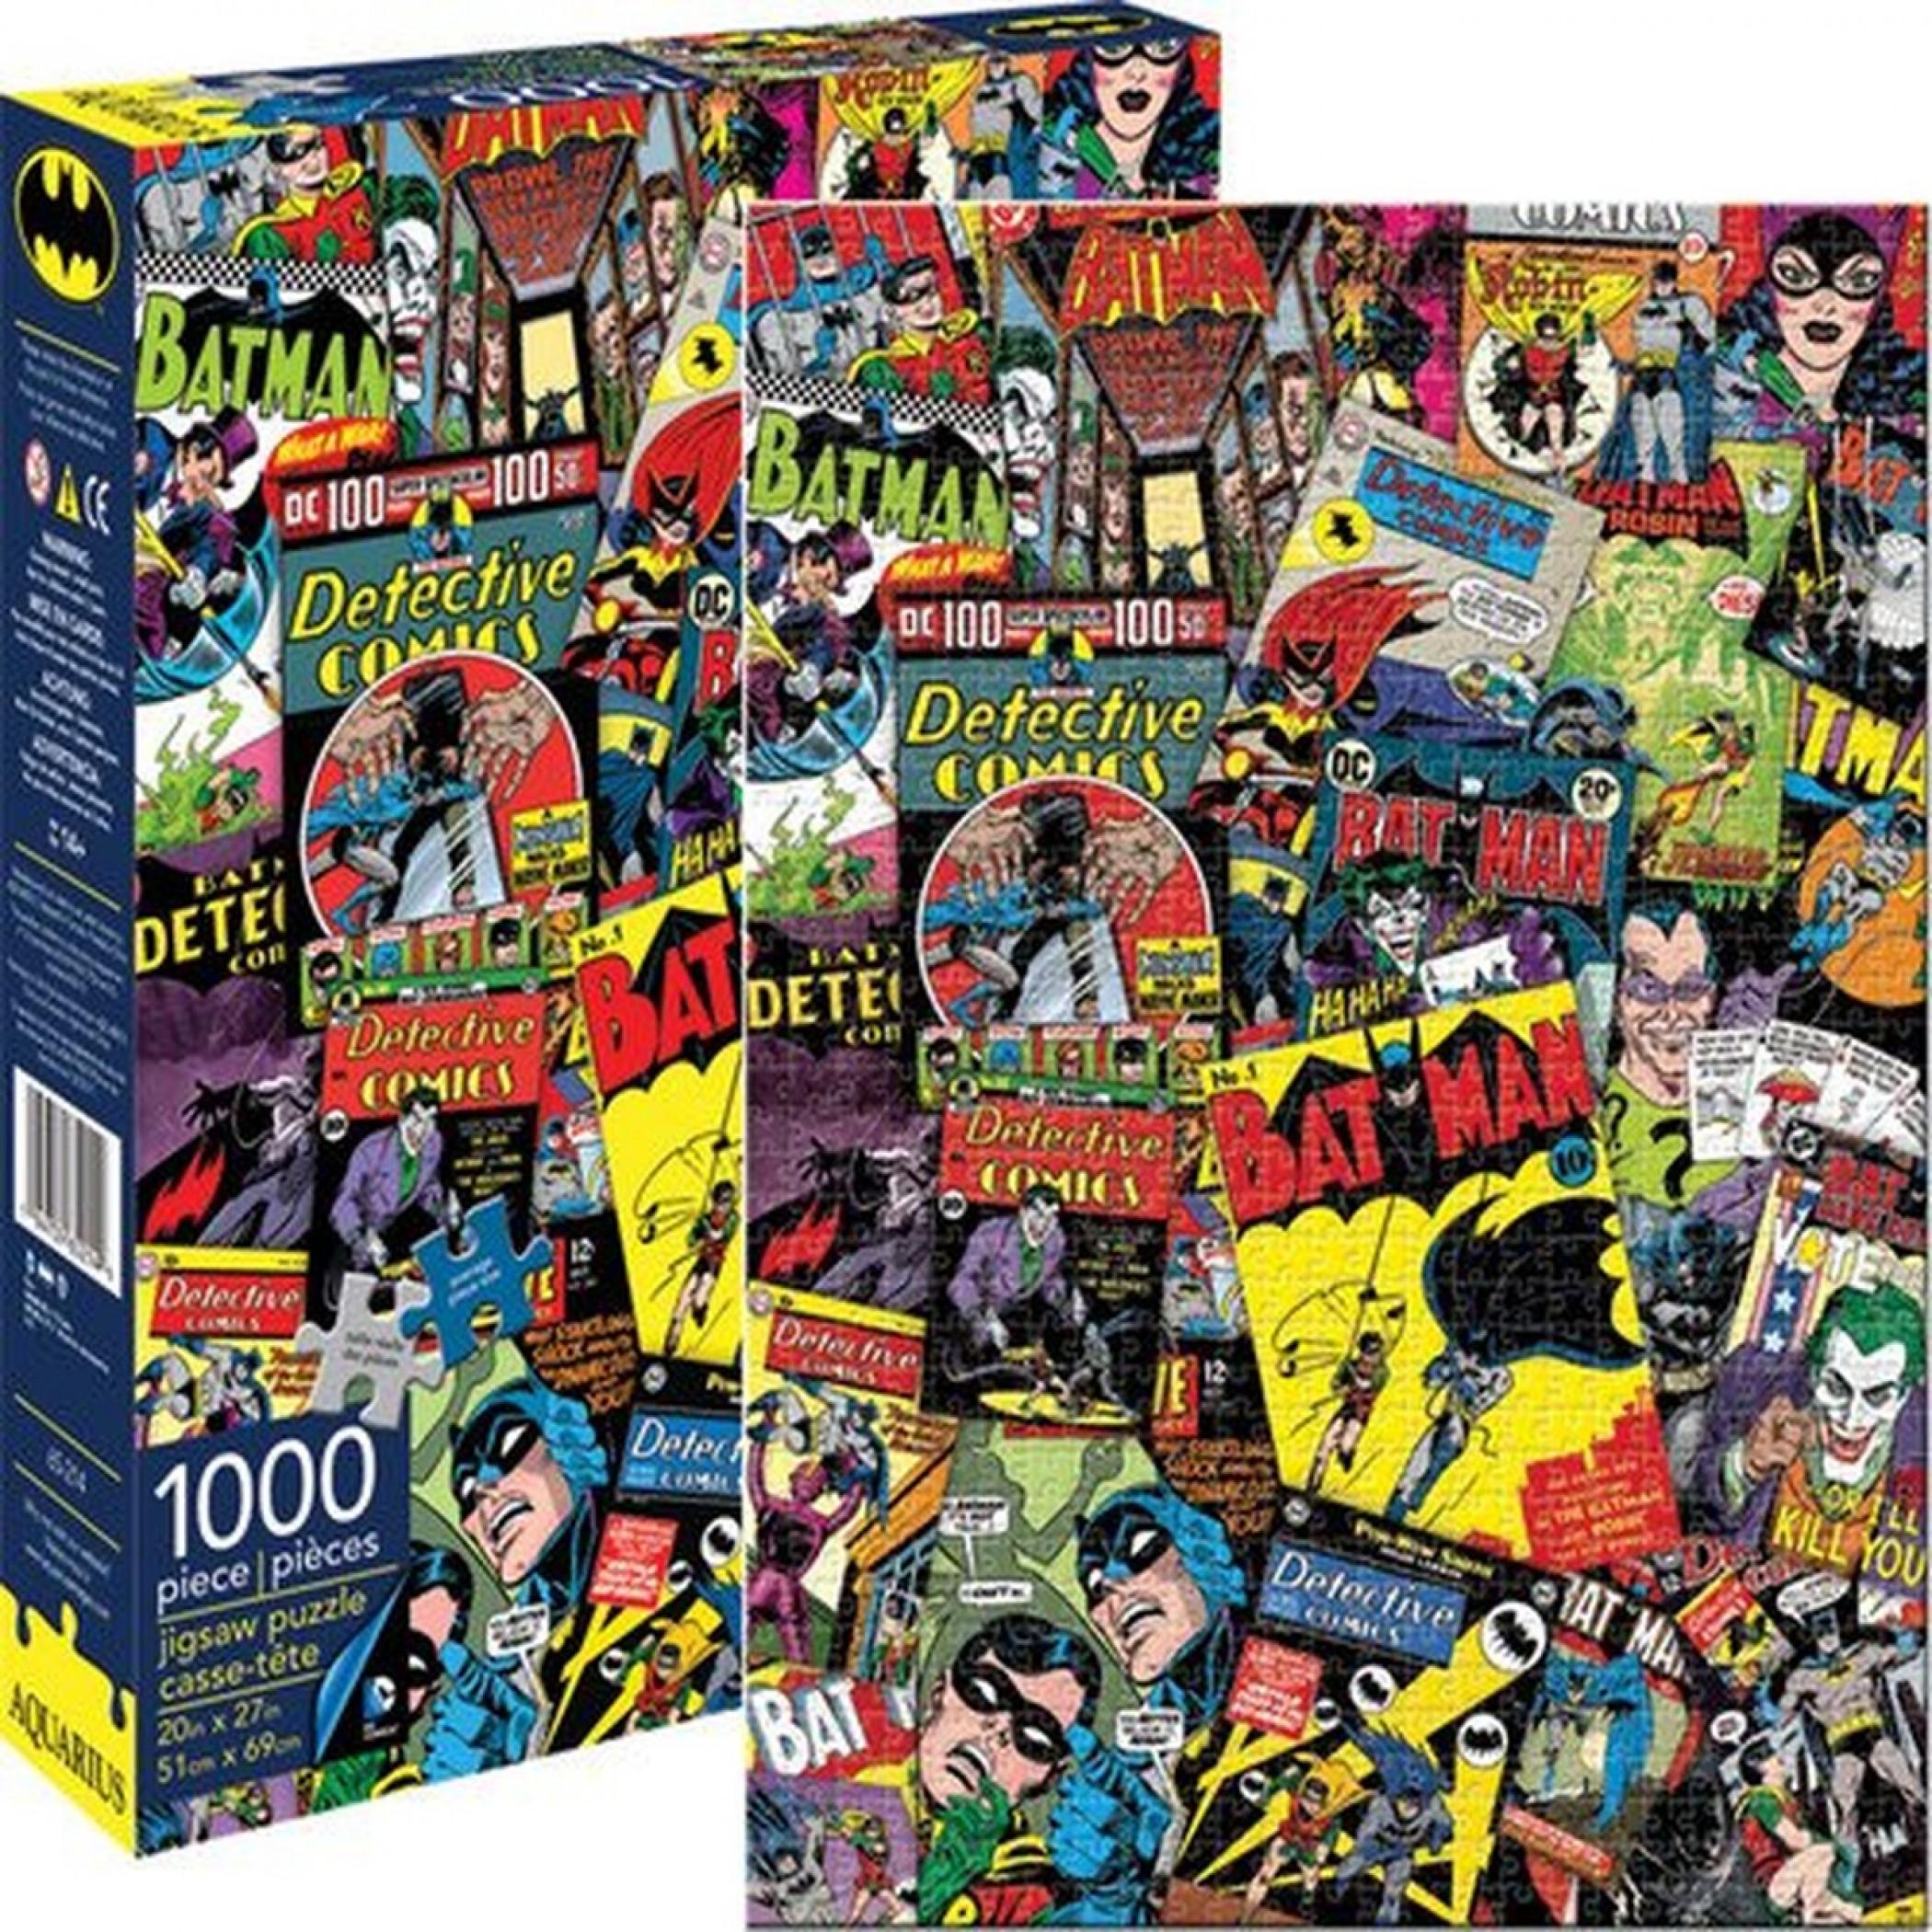 DC Batman Collage 1000 Piece Puzzle